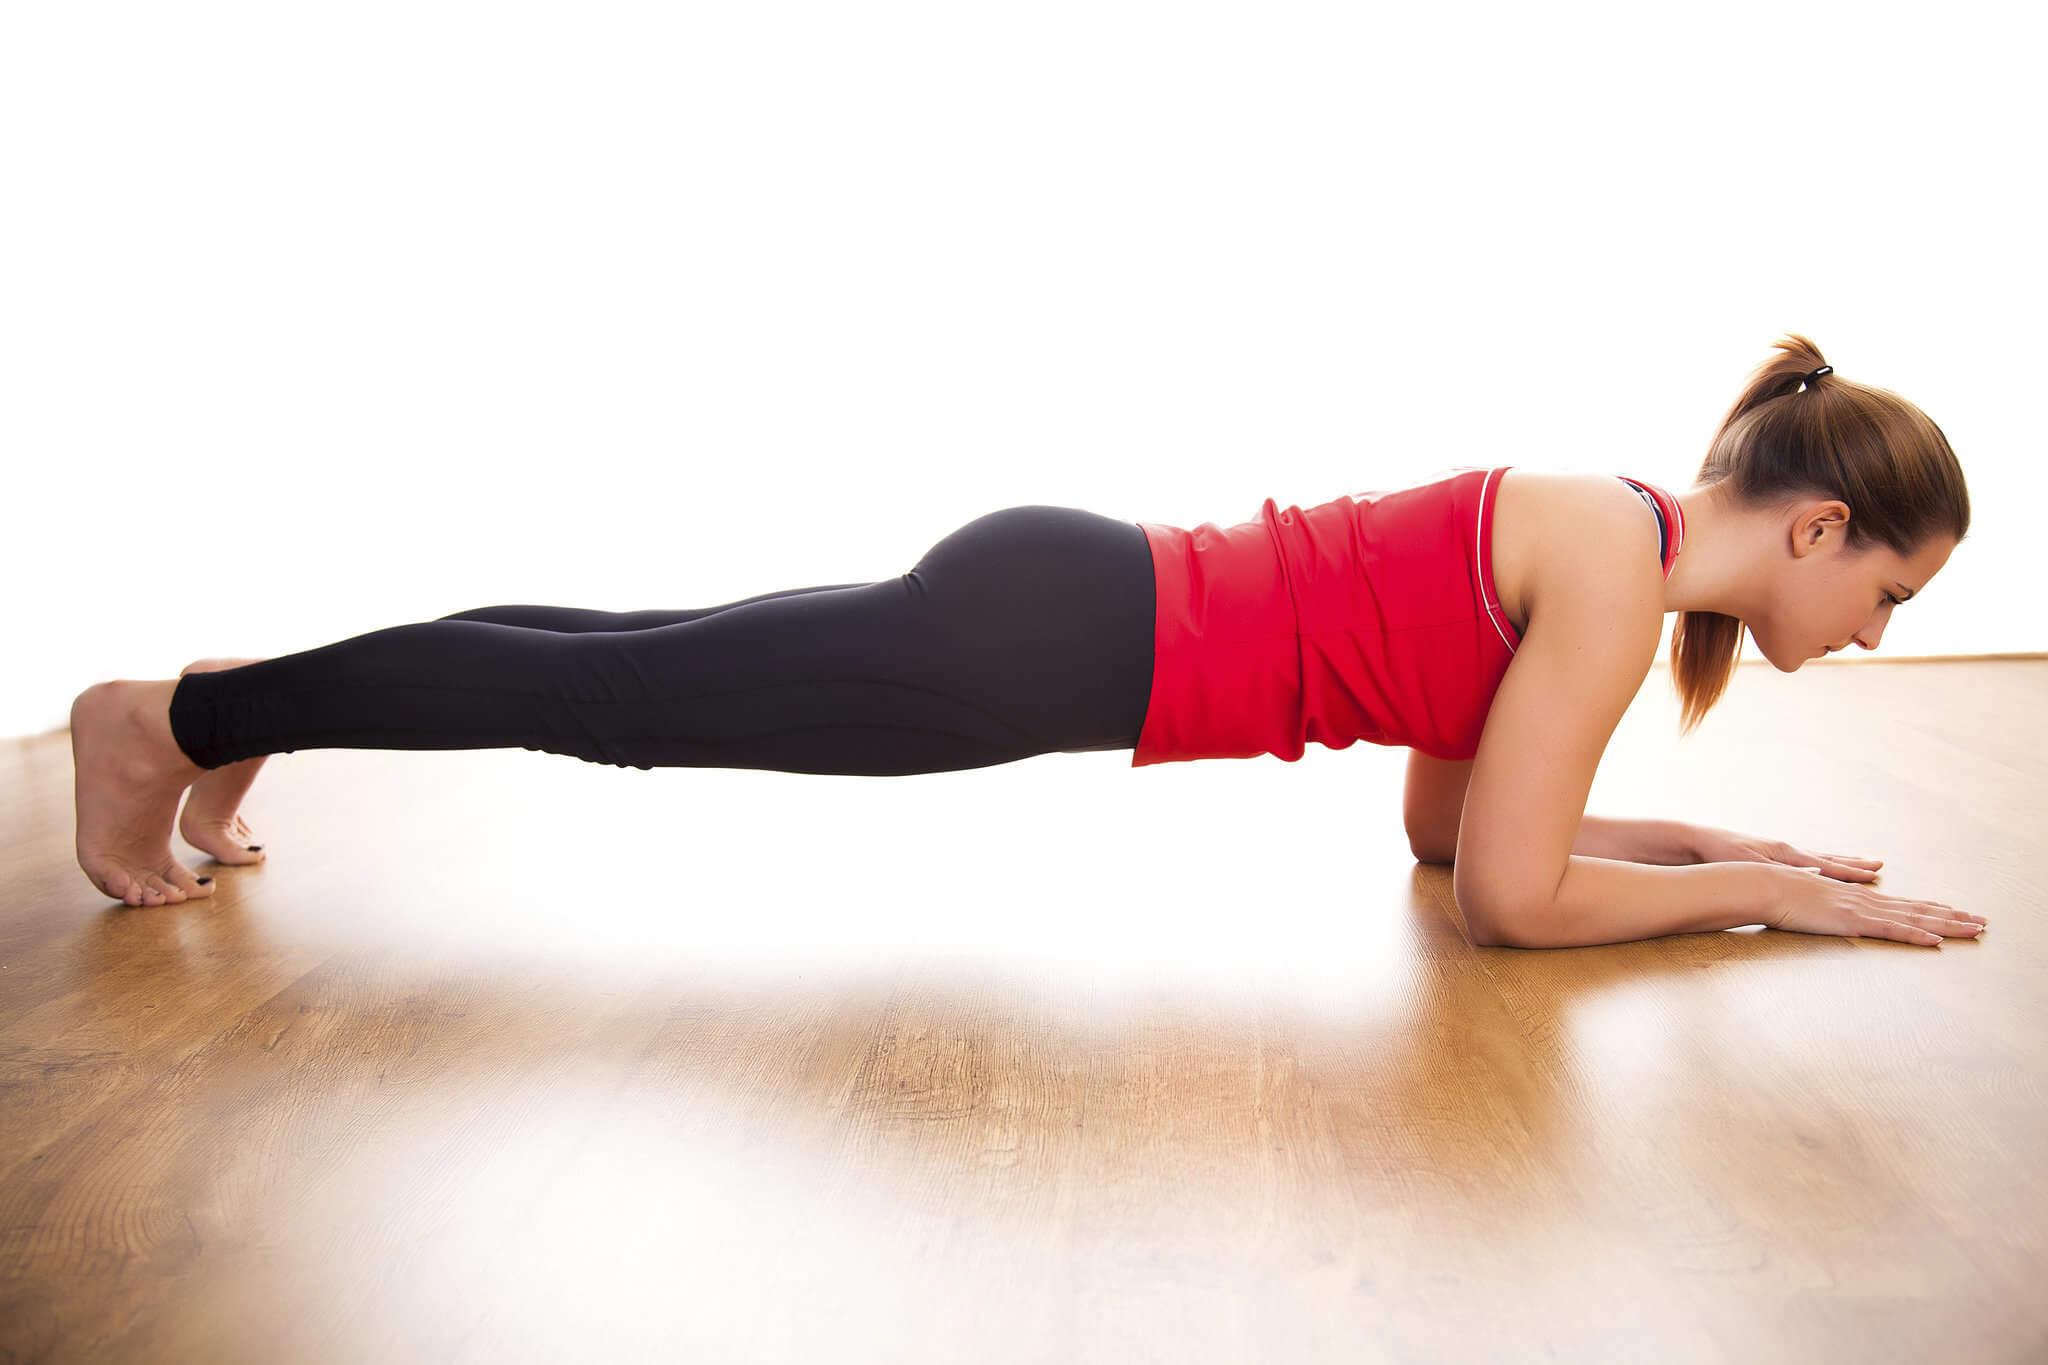 дівчина виконує вправу «планка»